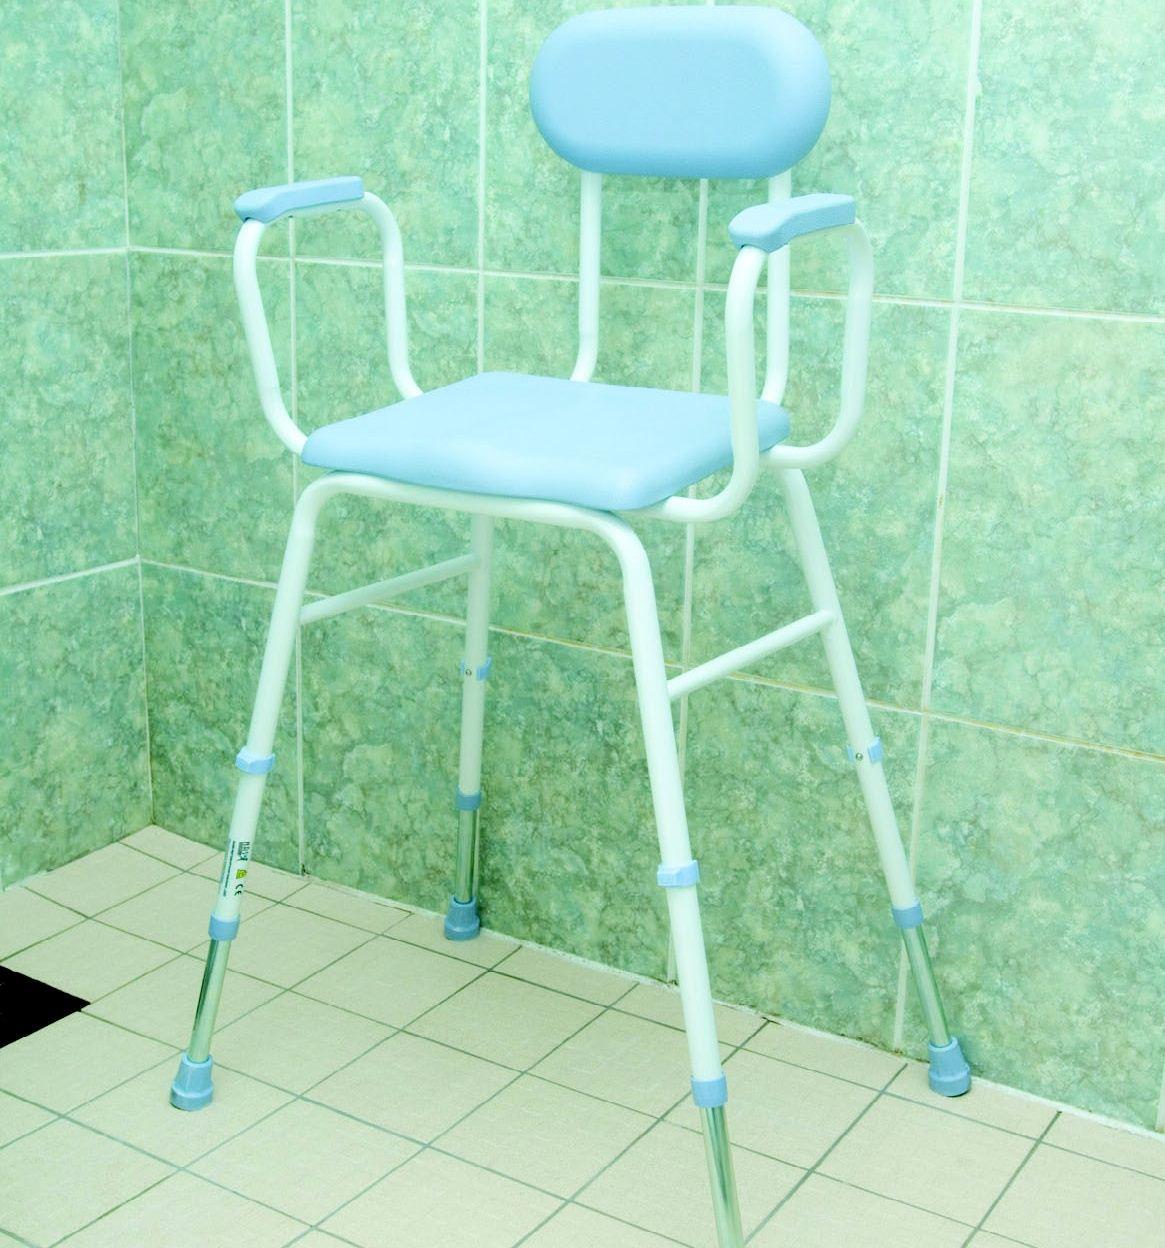 Stoličky do kuchyně a koupelny